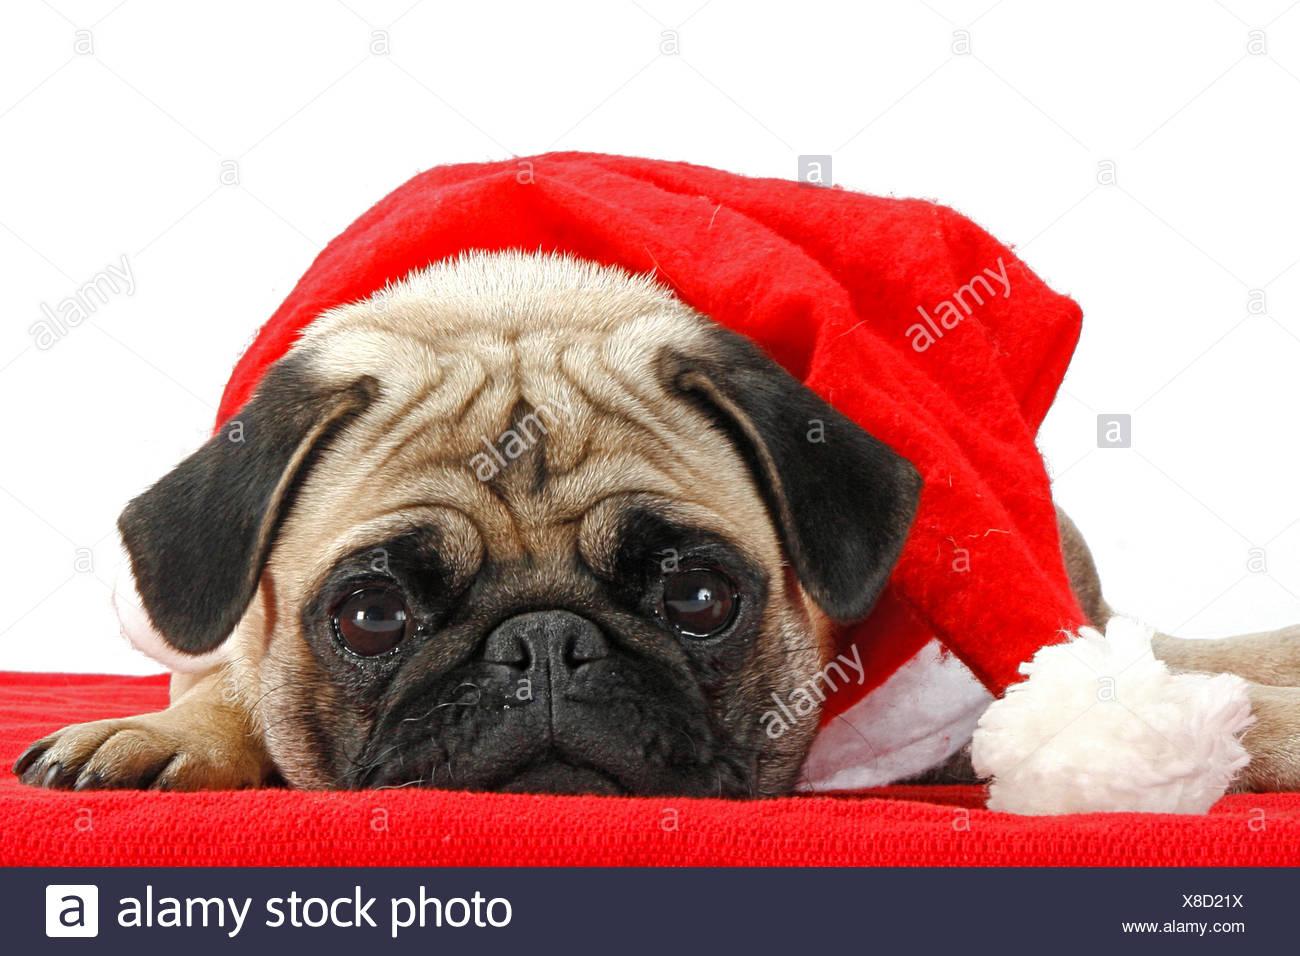 Mops Bilder Weihnachten.Weihnachten Mops Mit Weihnachtsmann Mütze Stockfoto Bild